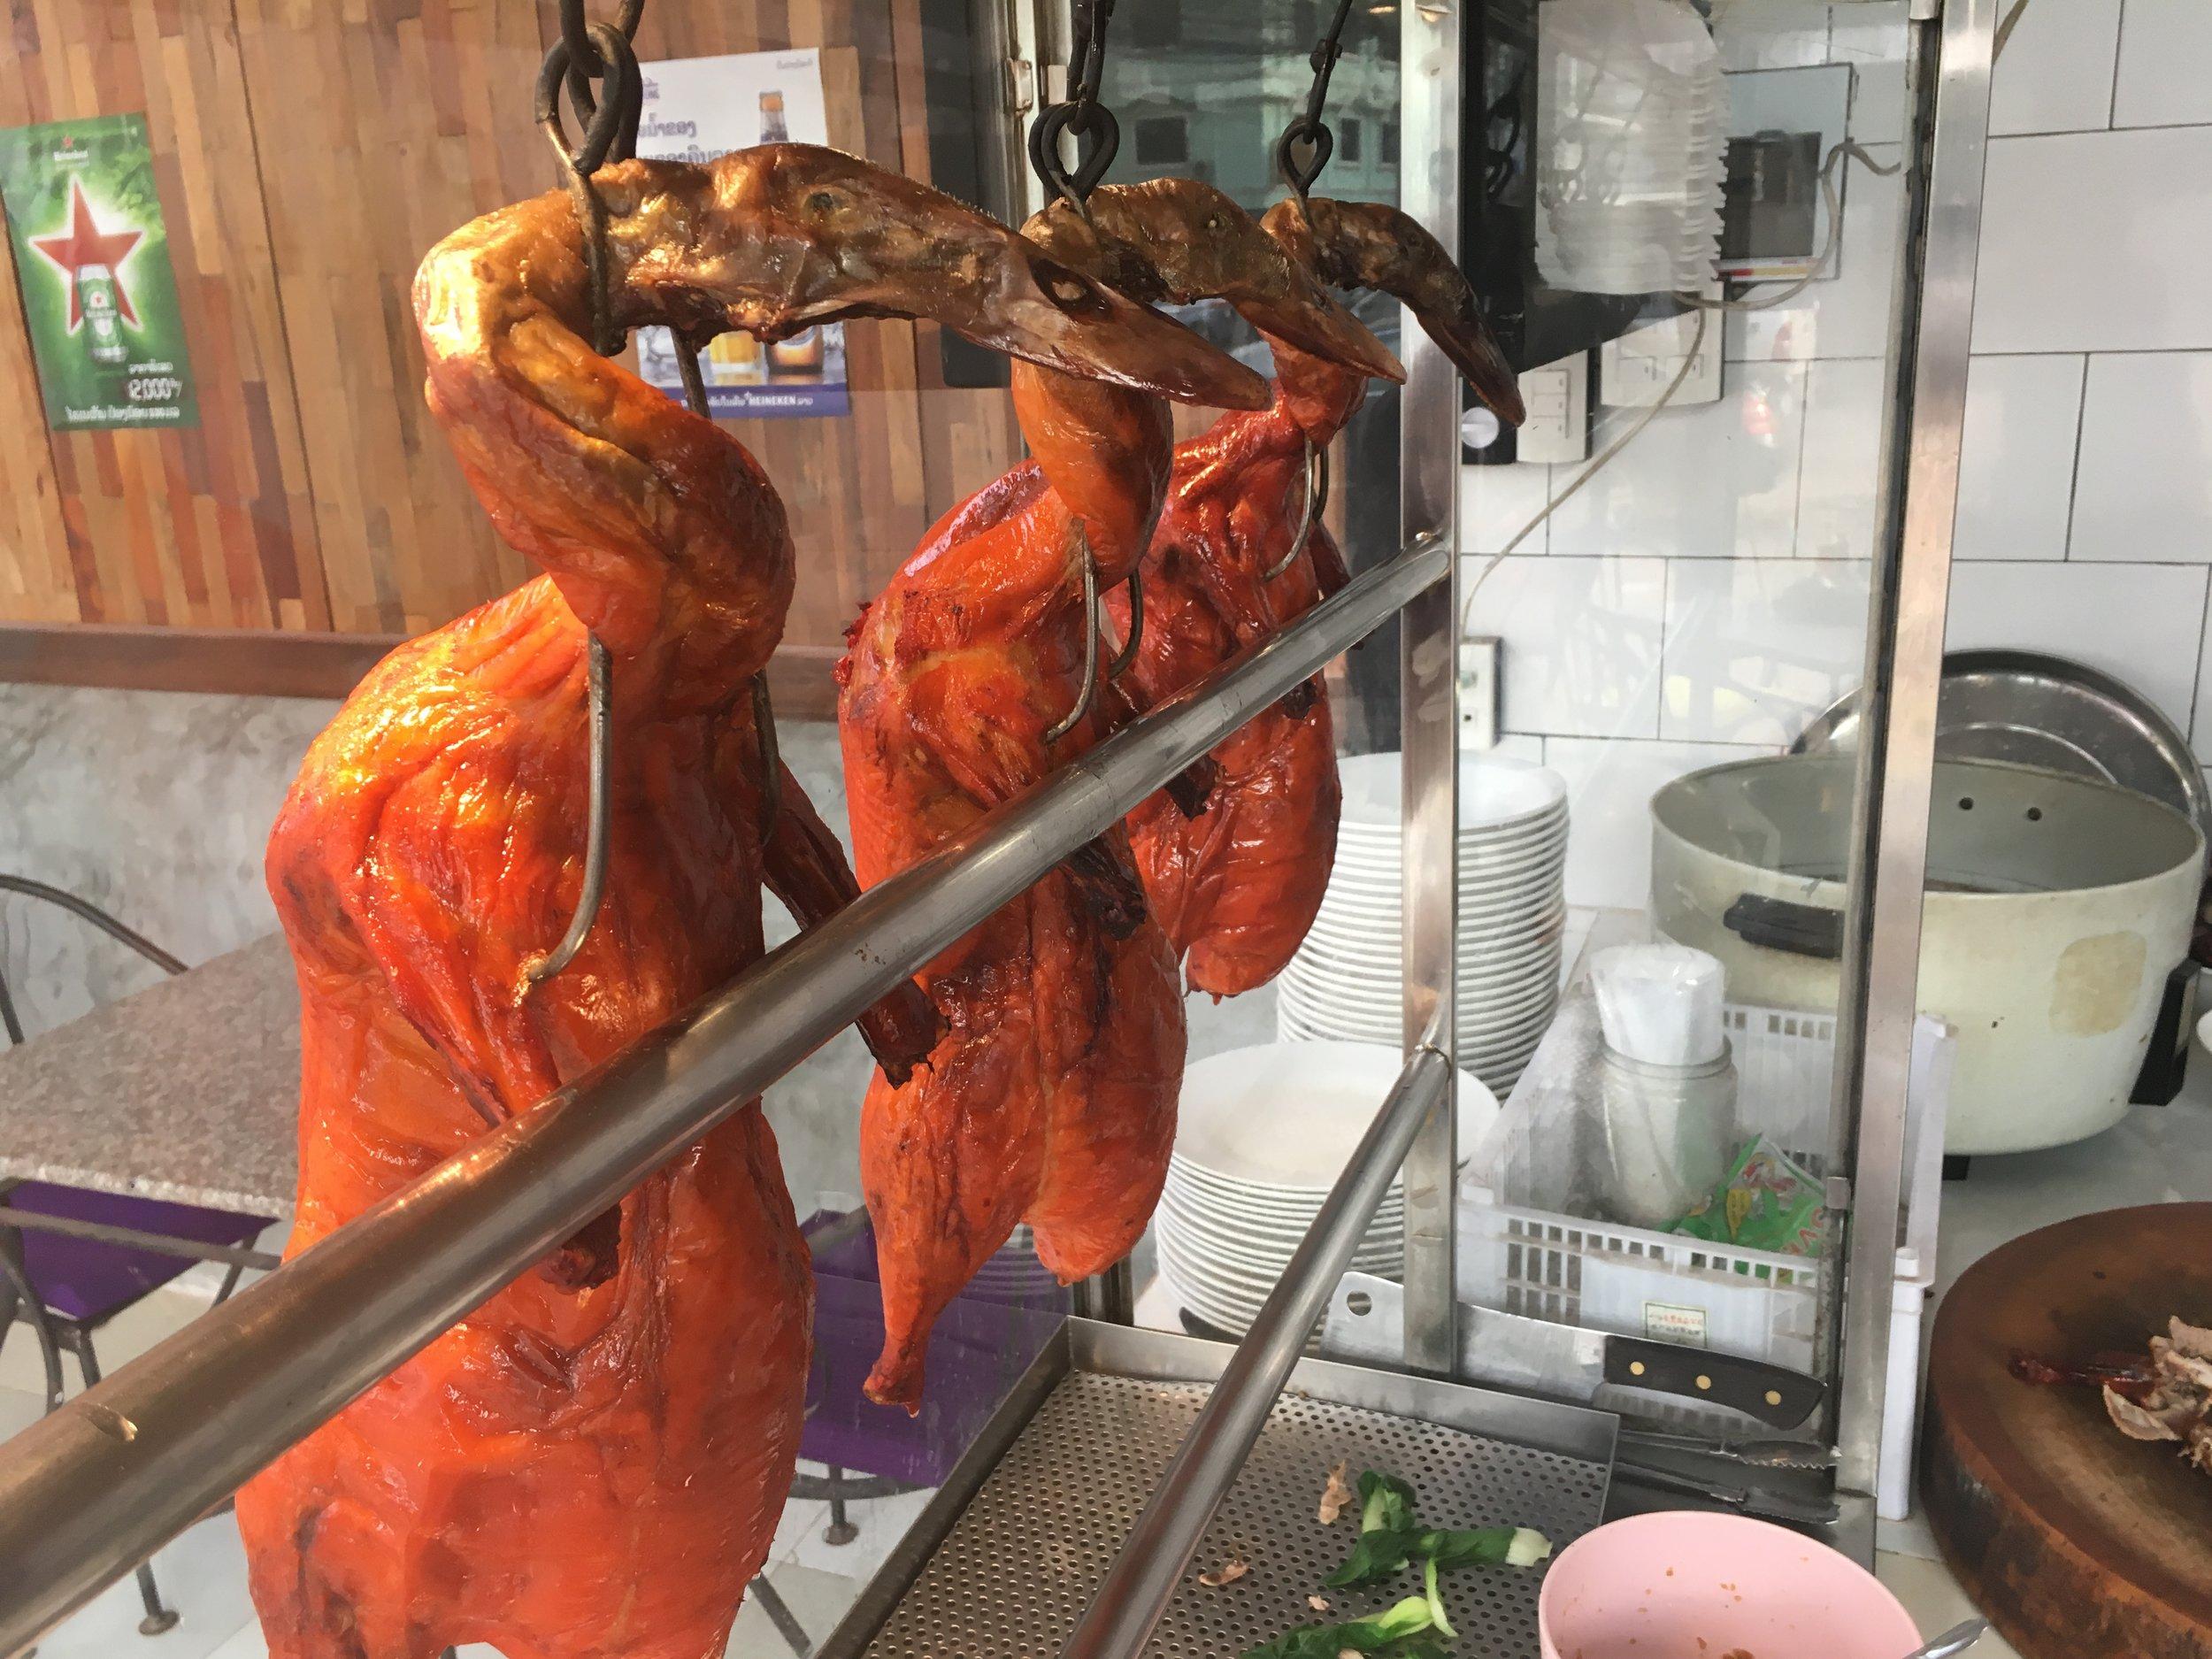 Hanging roast duck at Sa la van restaurant.